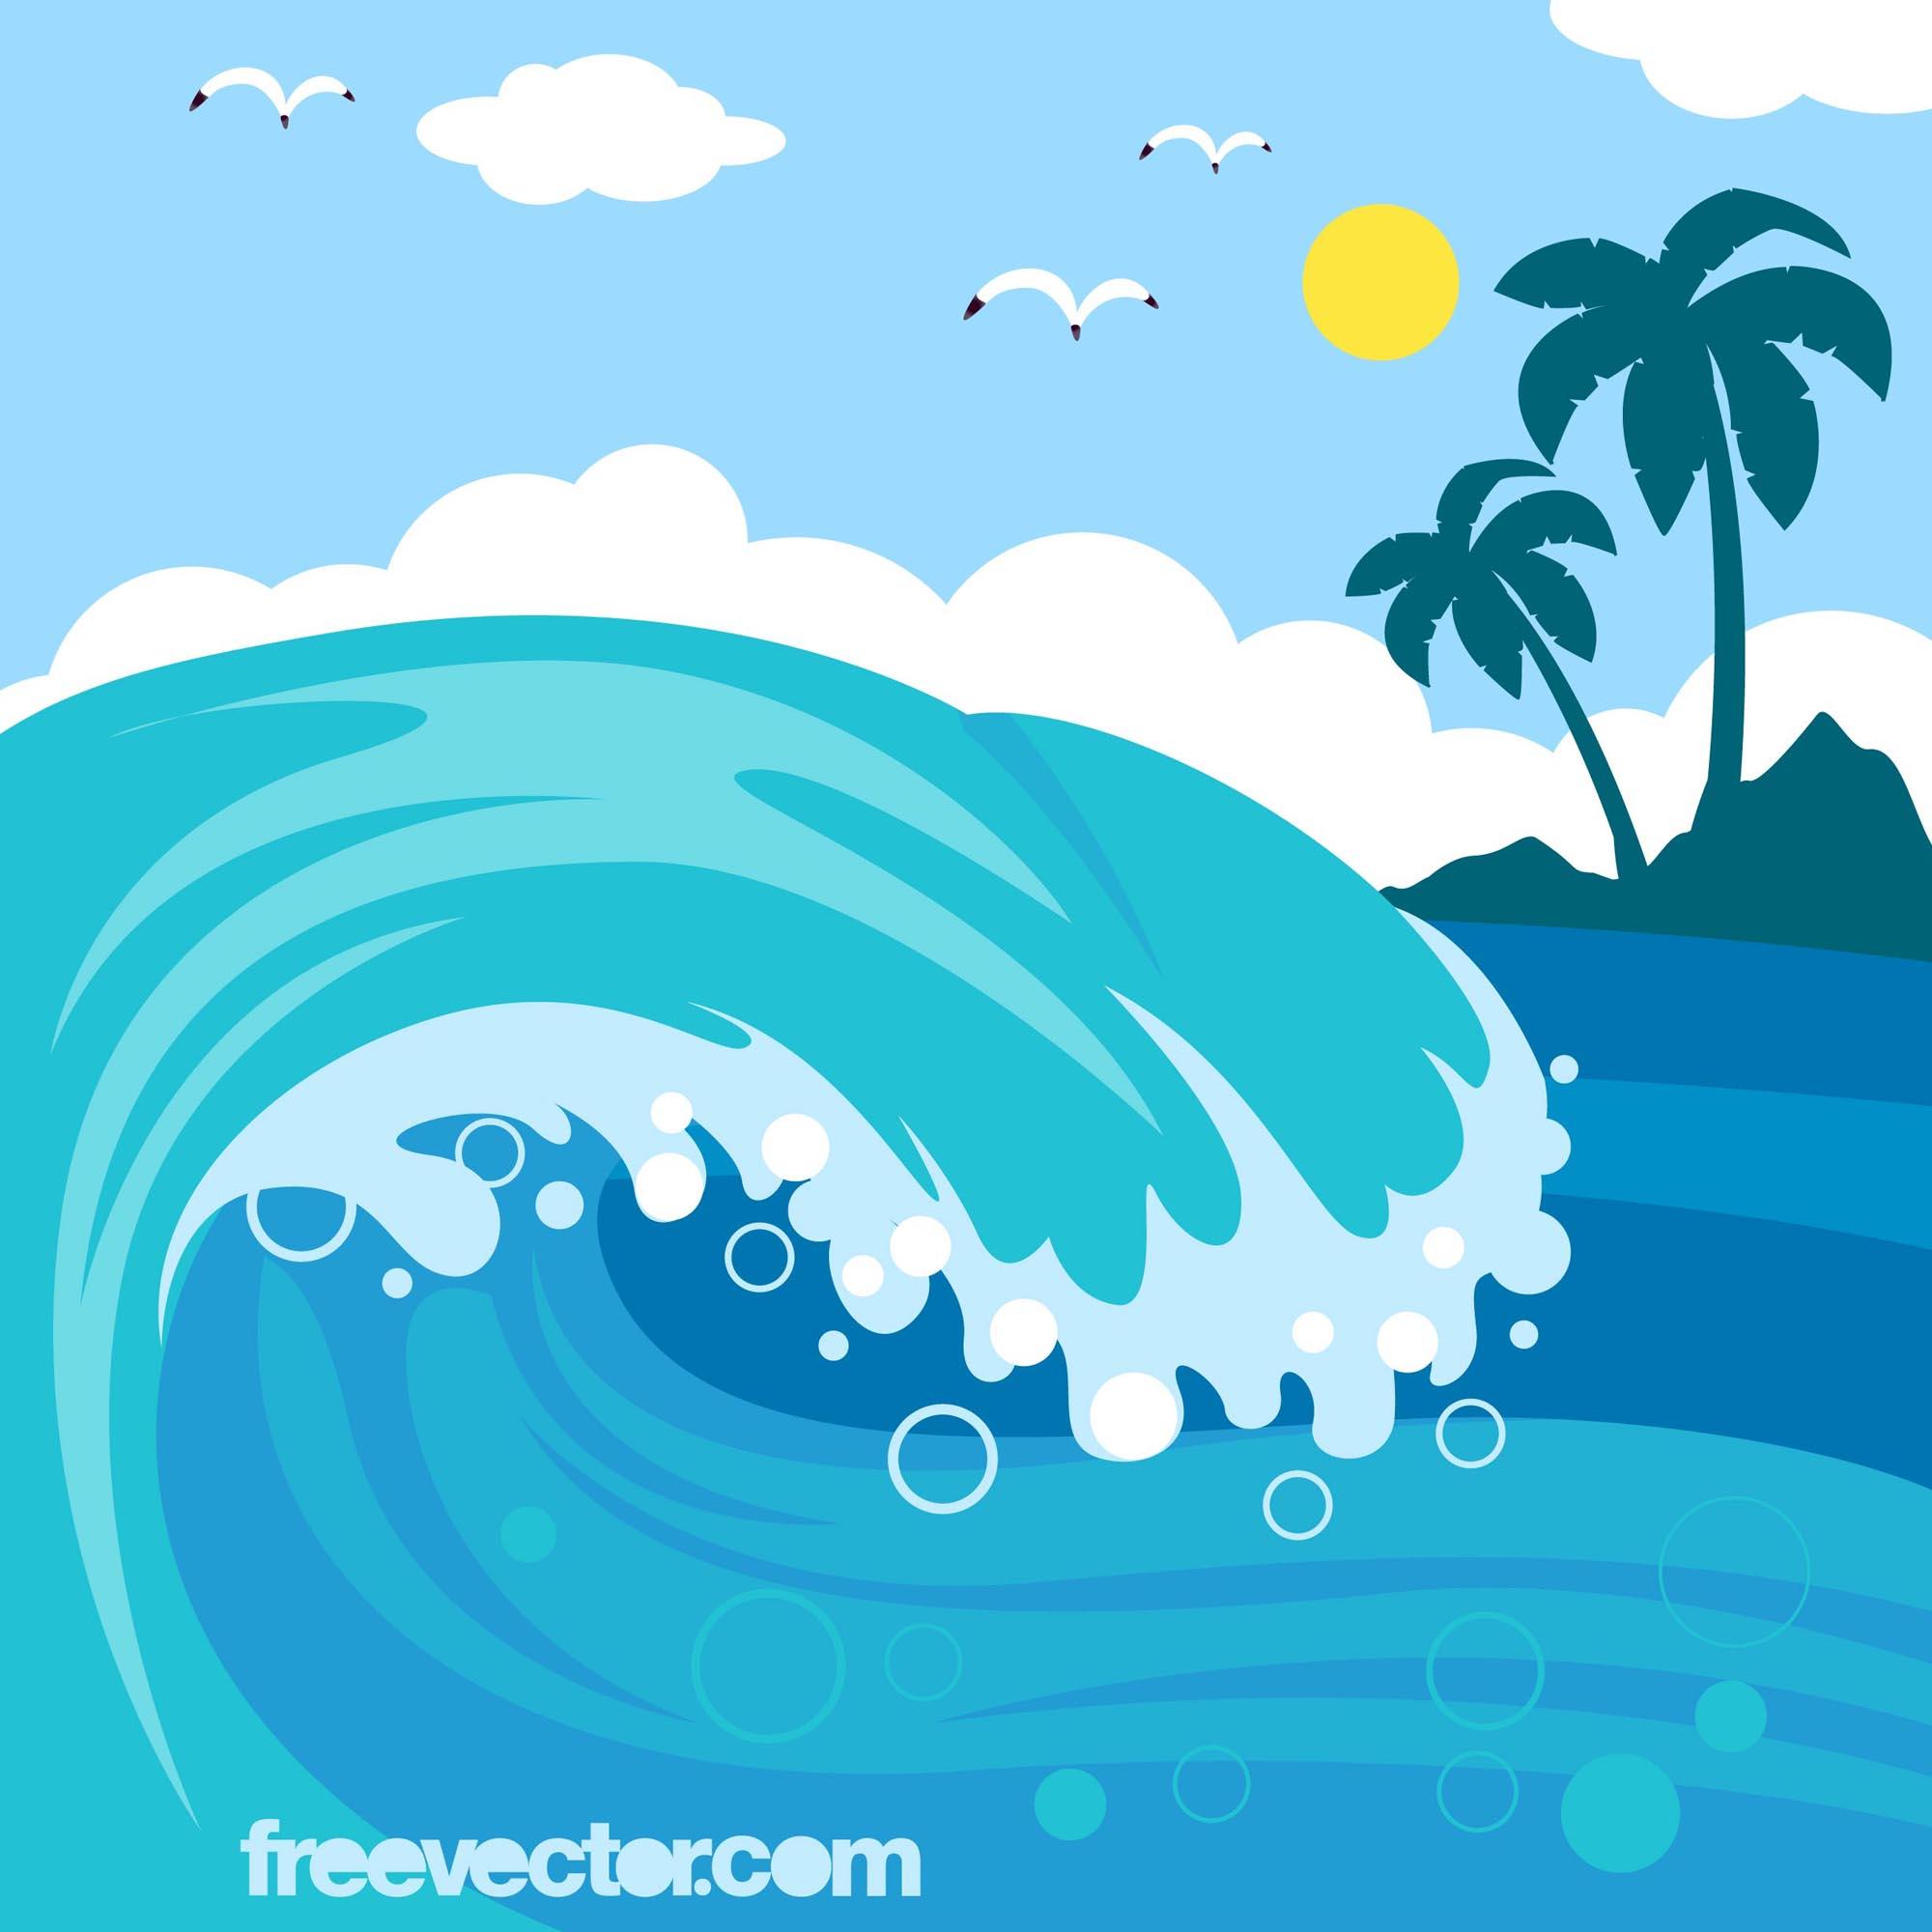 Ocean clipart #7, Download drawings